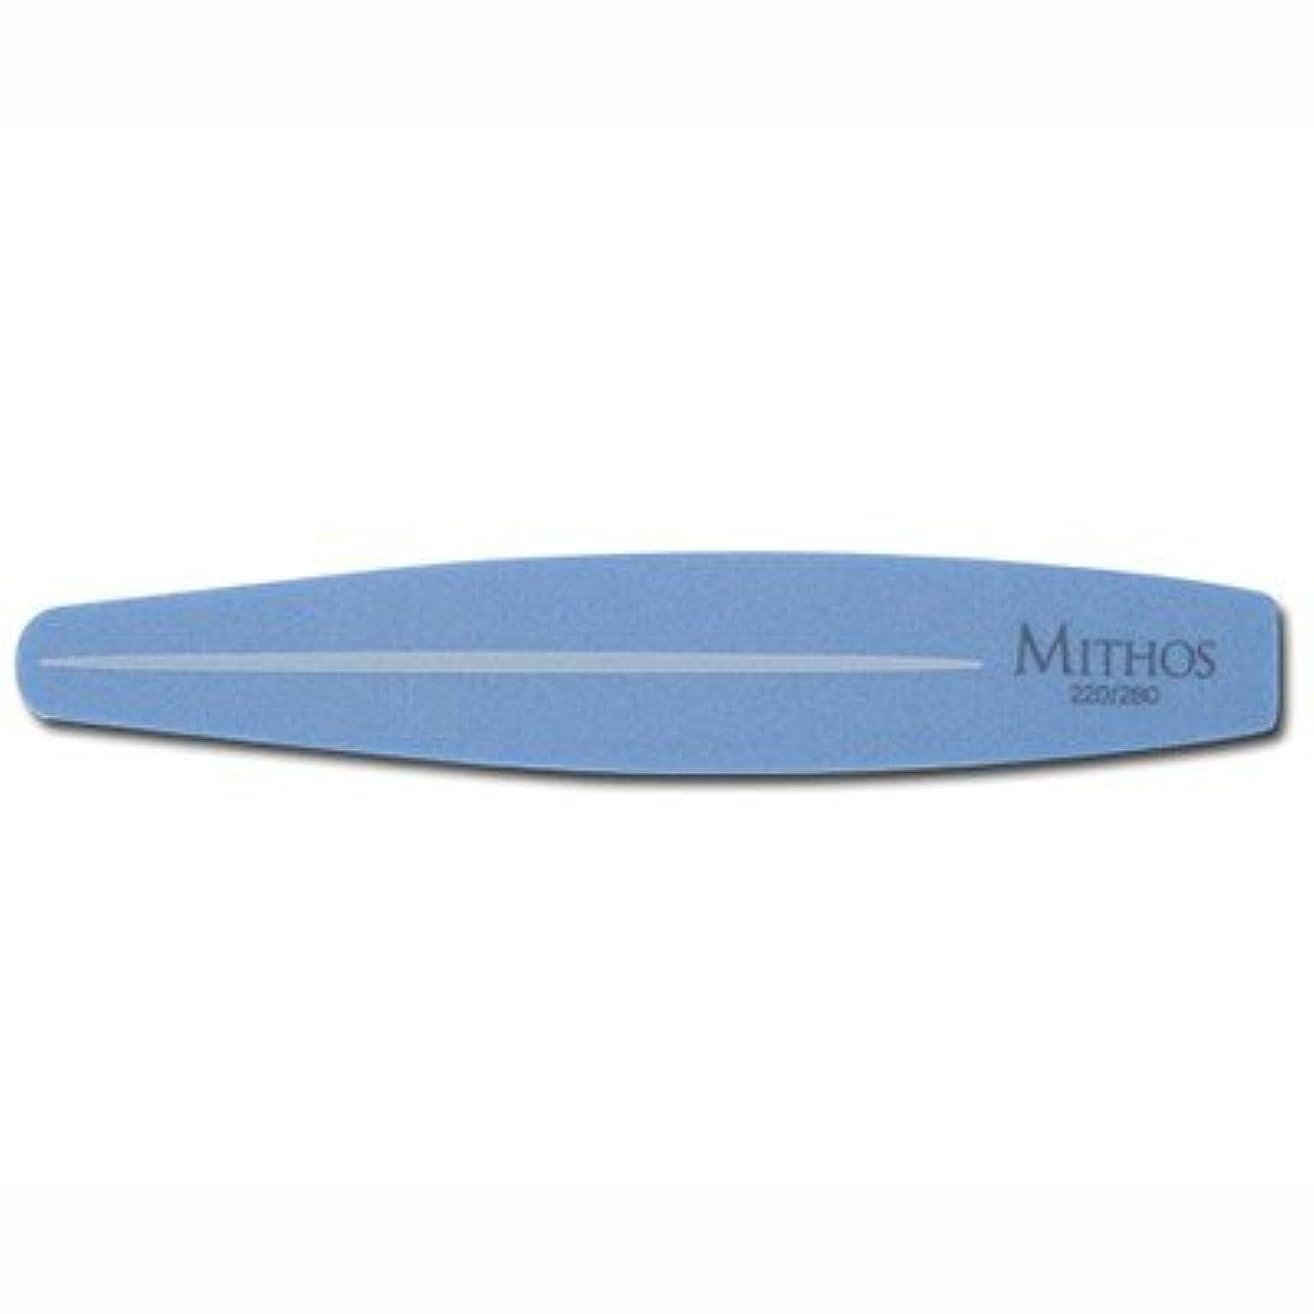 トランクとげのある午後ミトス MITHOS スポンジファイル 220/280